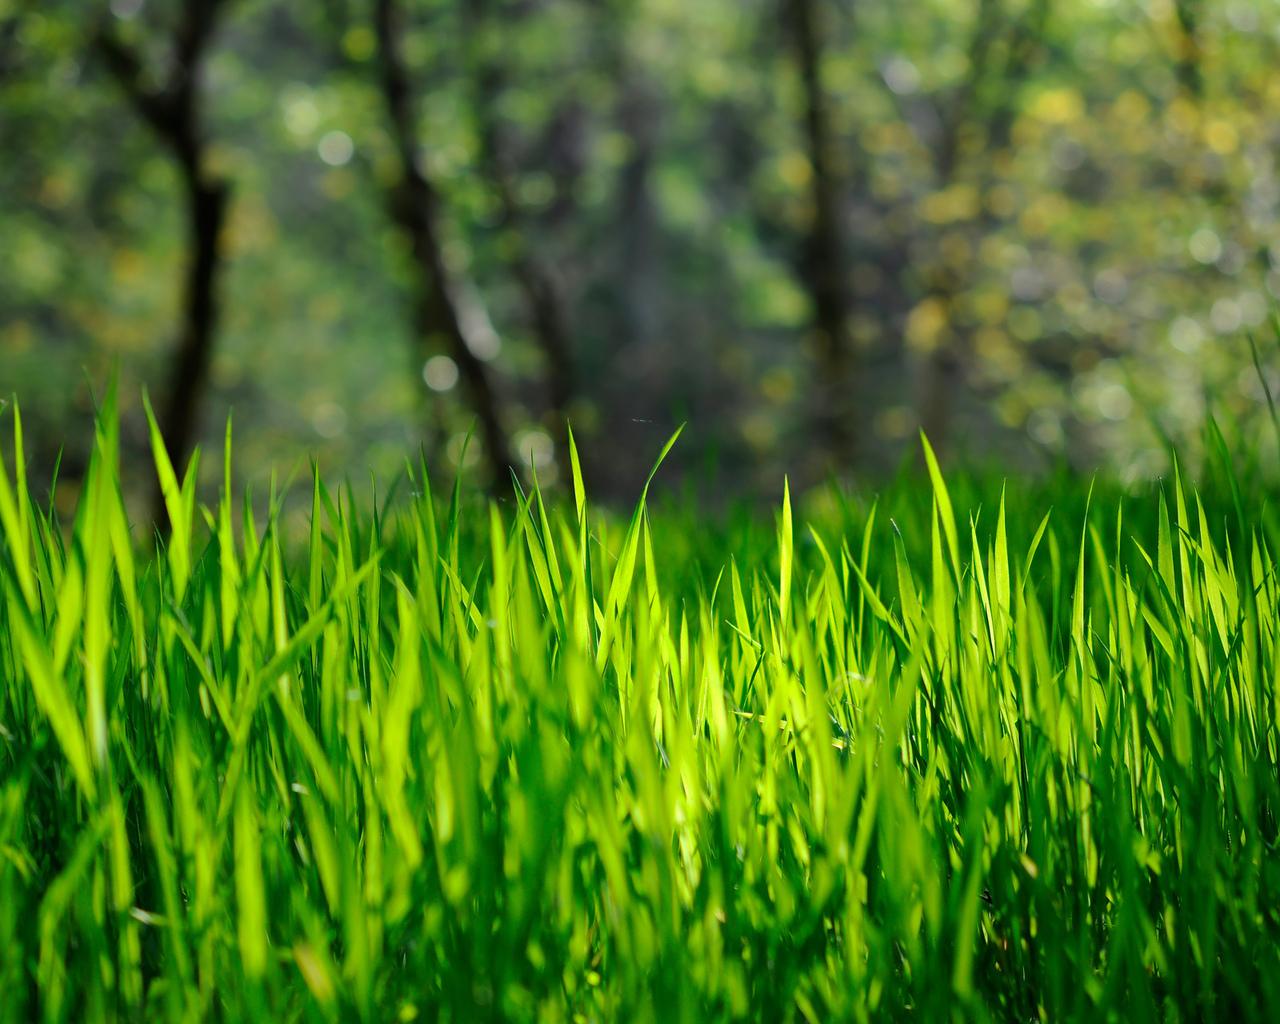 Трава обои для рабочего стола 1280 x 1024